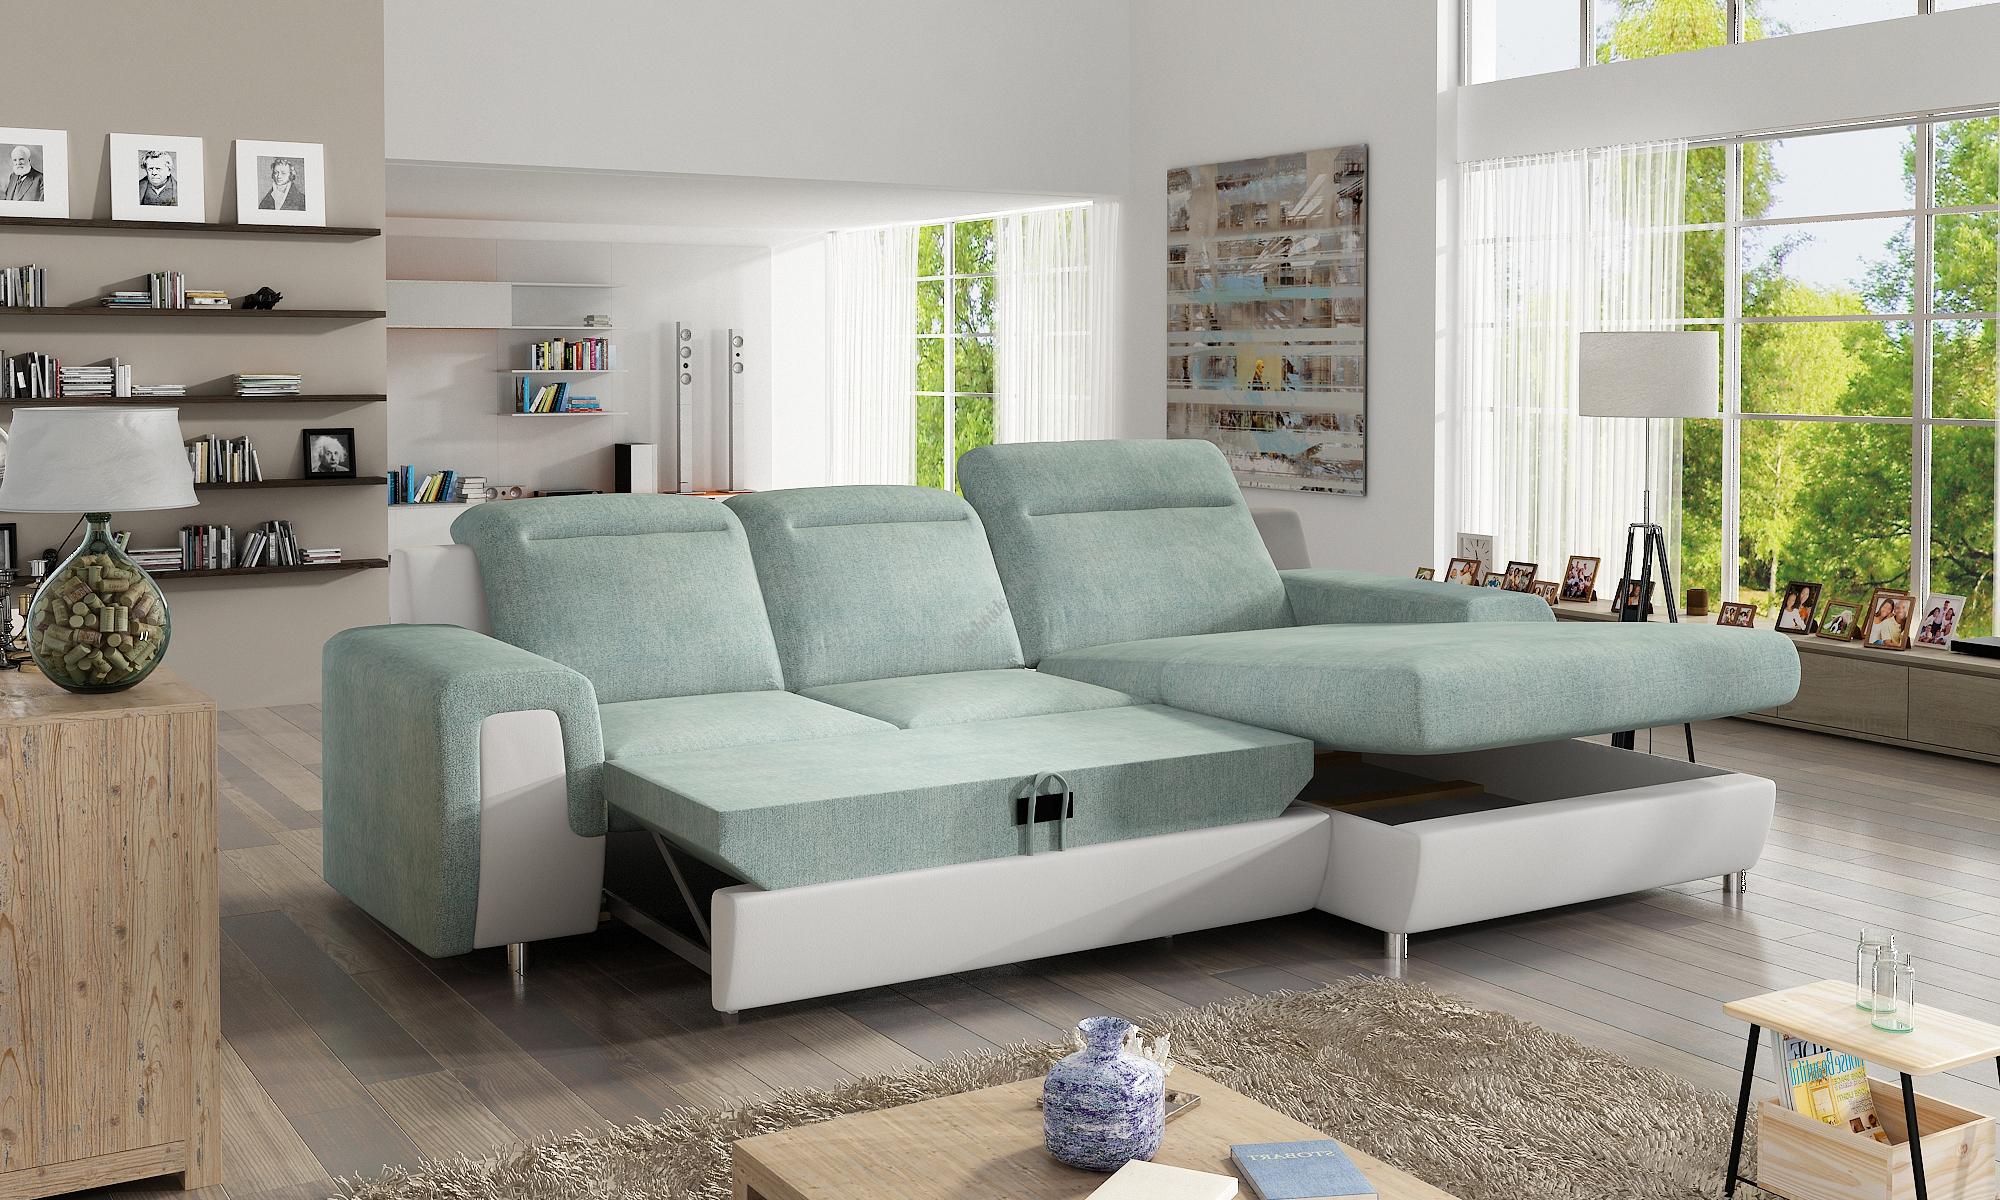 Full Size of Sofa Mit Schlaffunktion Couchgarnitur Panama Mini Relaxfunktion 3 Sitzer Mitarbeitergespräche Führen Karup De Sede Boxspring Pantryküche Kühlschrank Sofa Sofa Mit Schlaffunktion